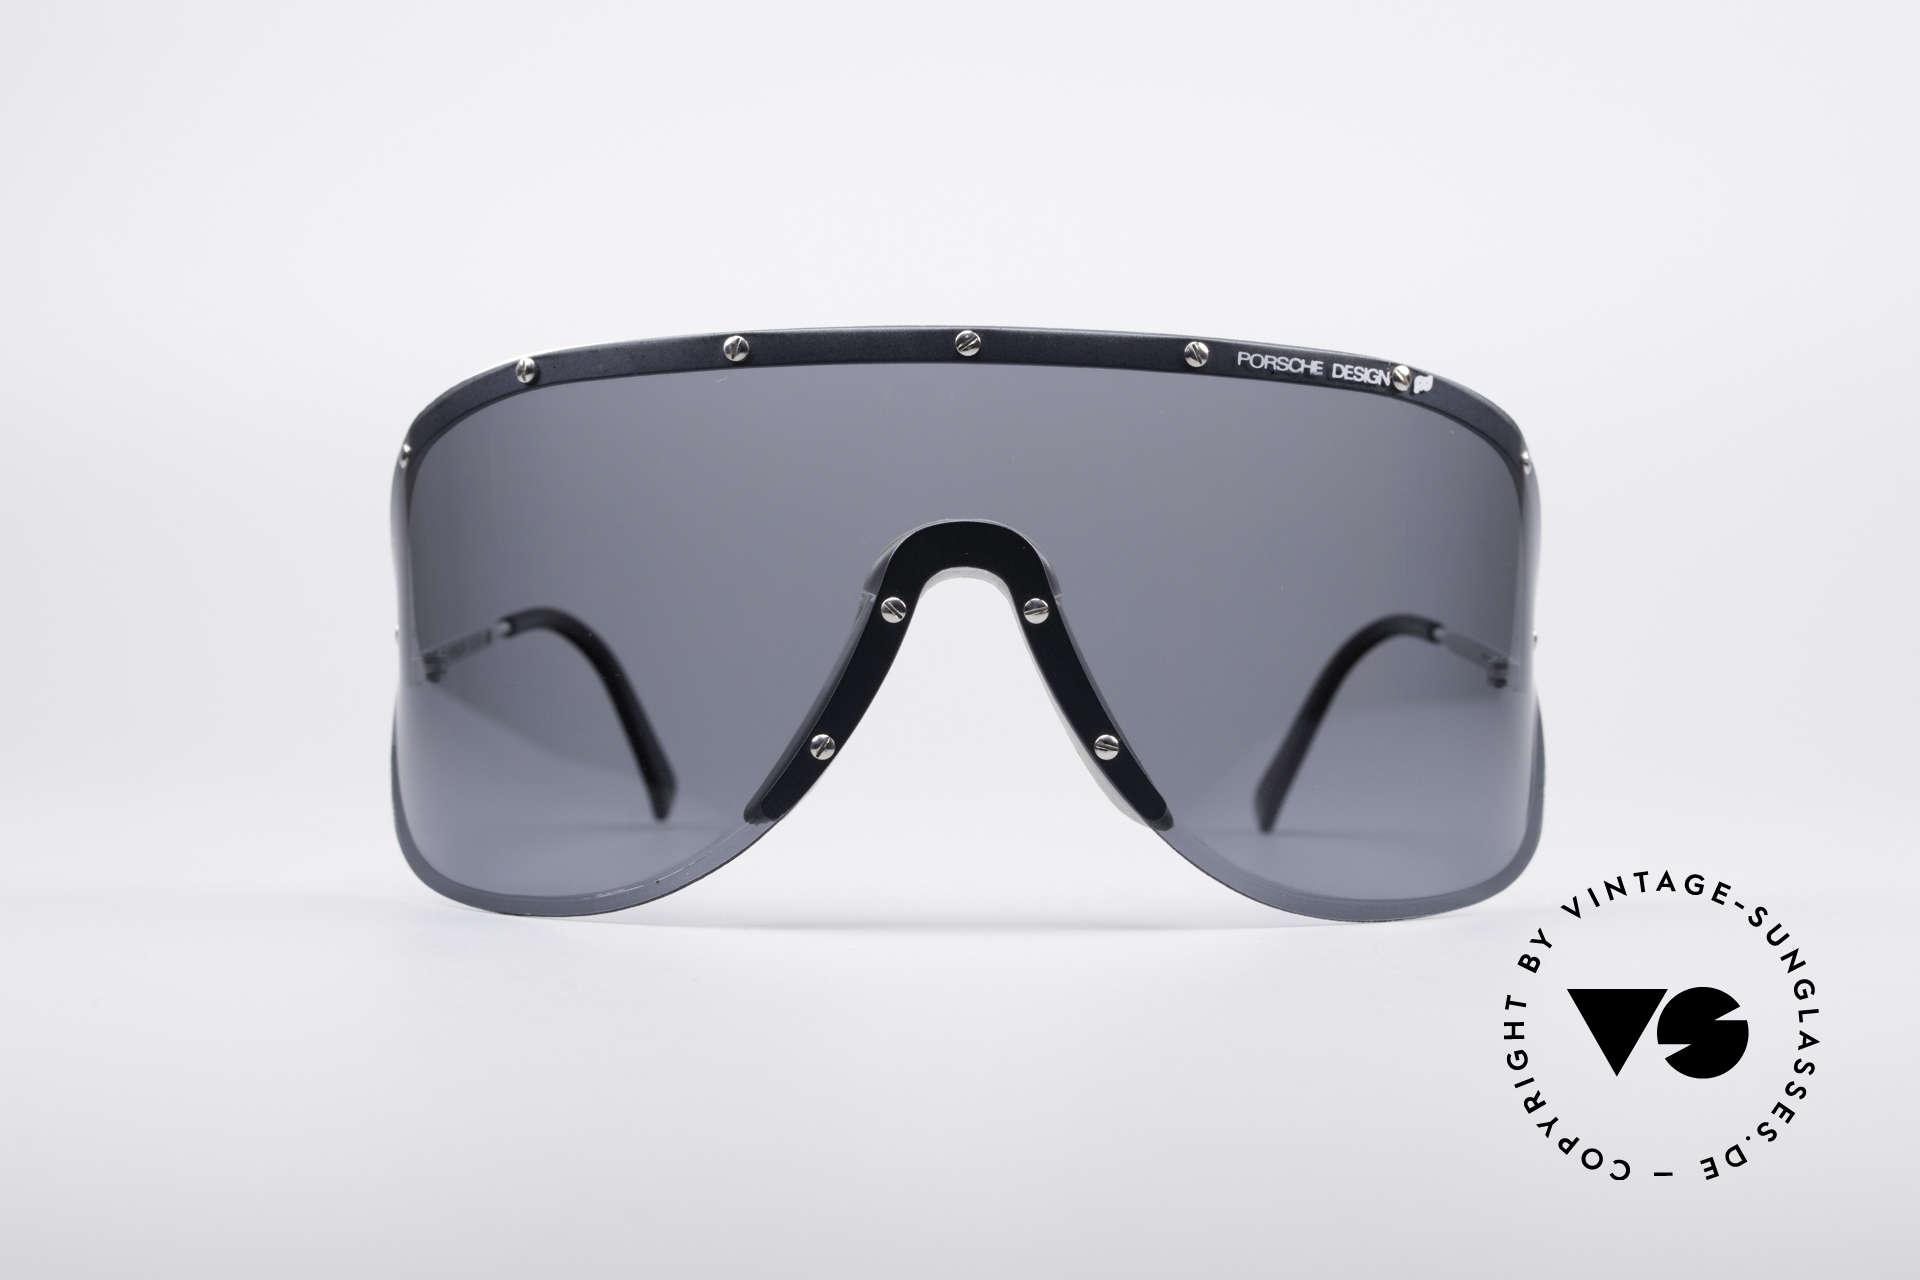 2bcdc69958e4 Sunglasses Porsche 5620 Original Yoko Ono Shades